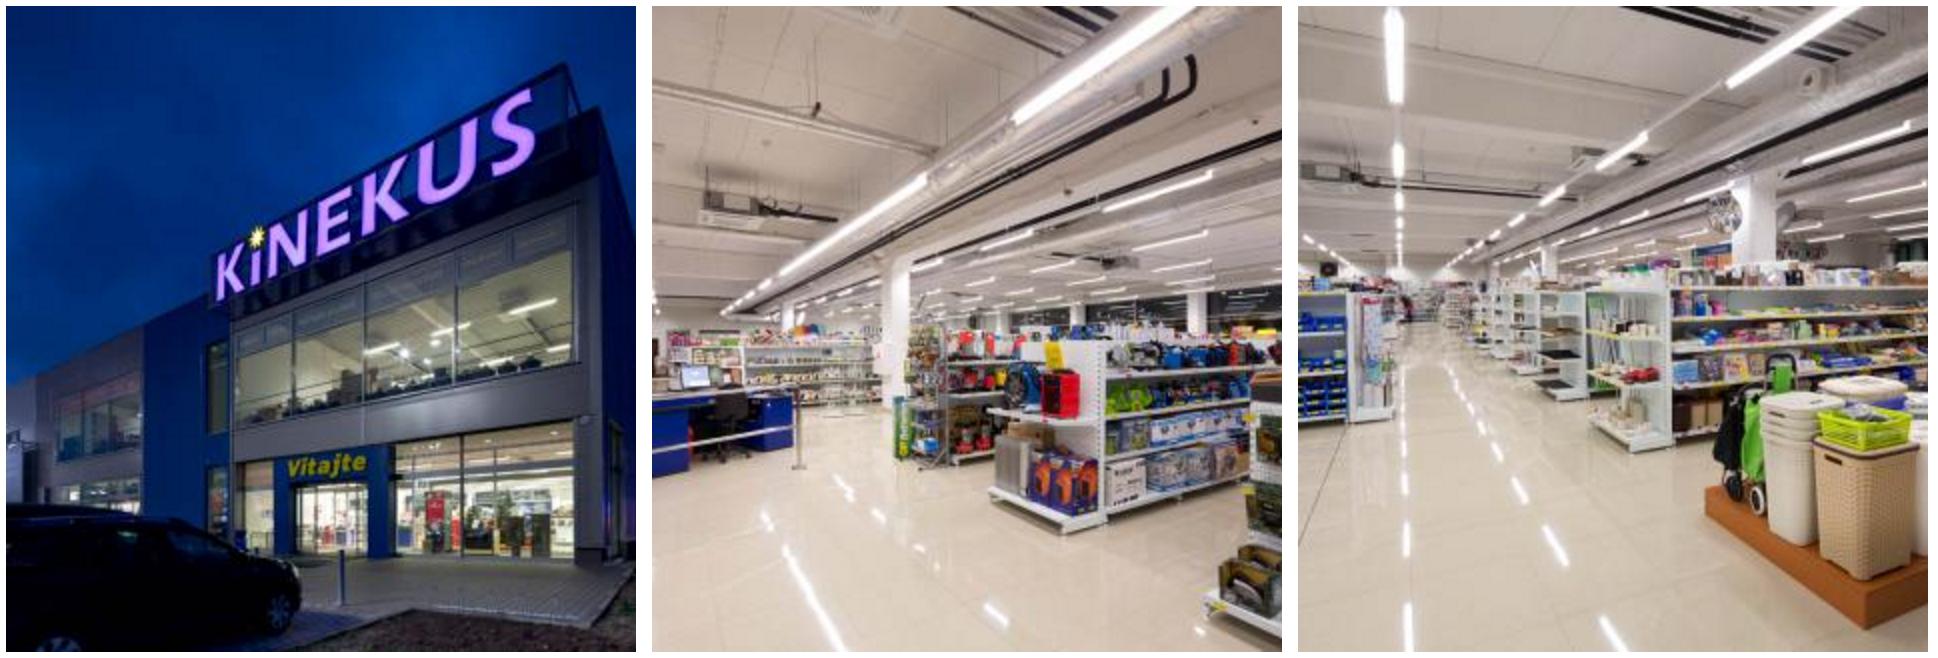 792f0415b152 Návrh osvetlenia nových obchodov Kinekus od firmy OMS Lighting